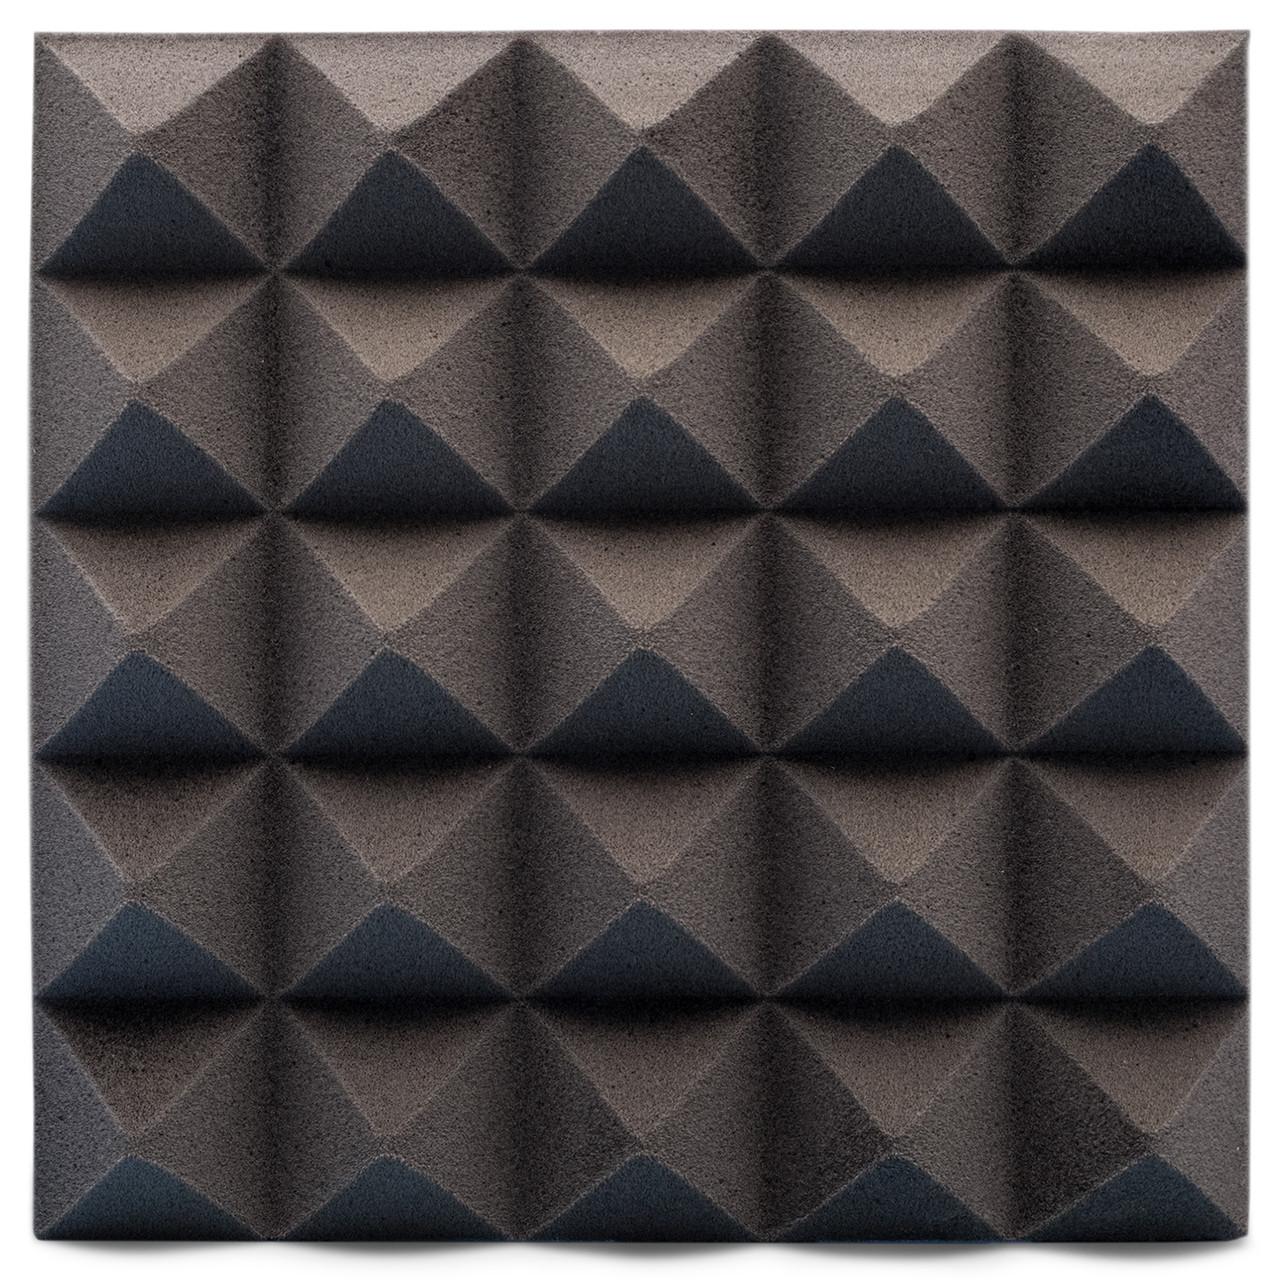 Панель из акустического поролона Ecosound пирамида Pyramid Velvet Black 250х250х25мм цвет черный графит